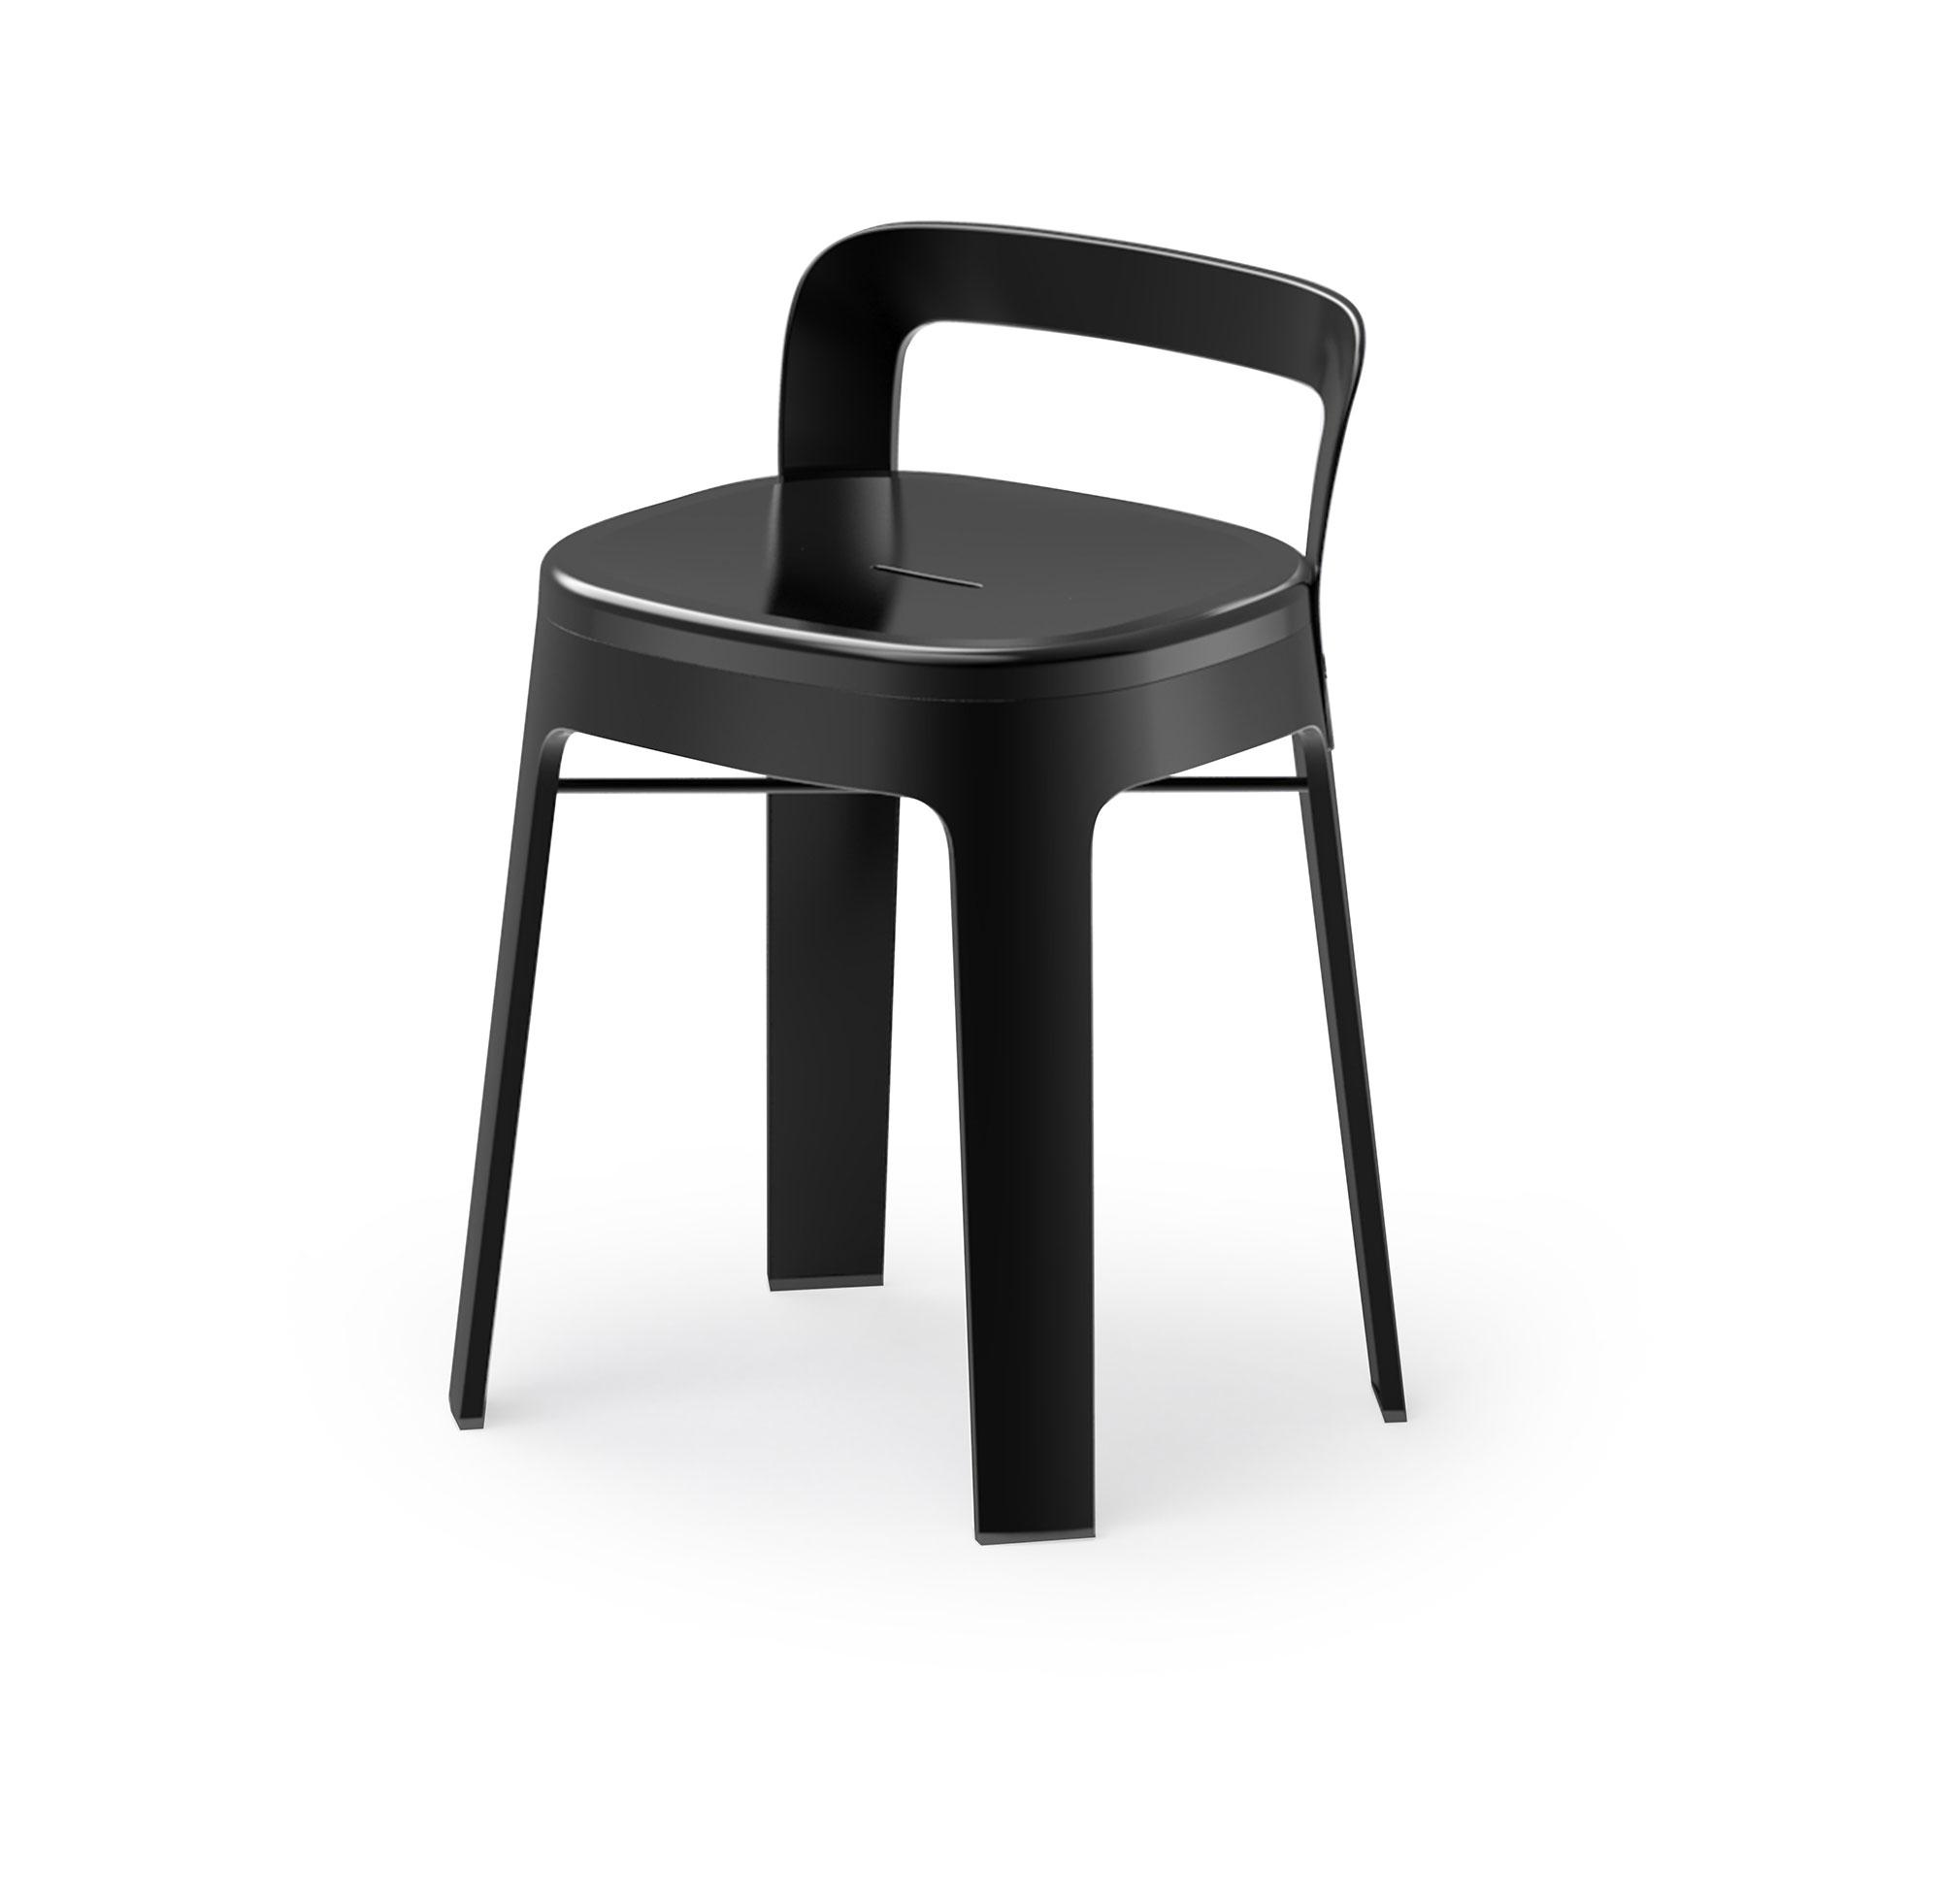 """Hocker mit Lehne """"To Go"""" - Design OMBRA LOW von RS Barcelona"""